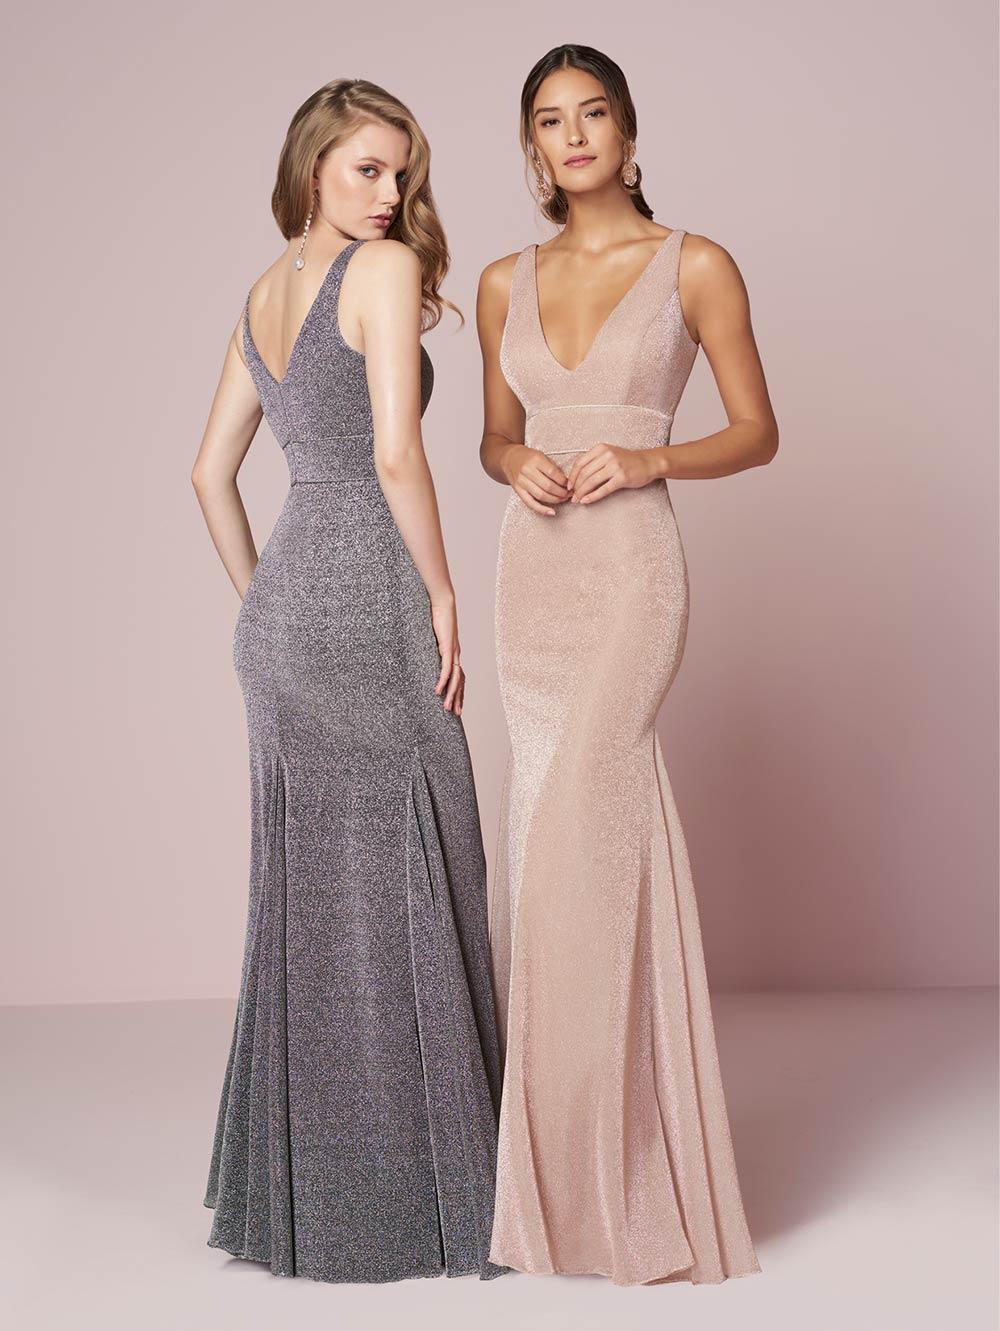 bridesmaid-dresses-jacquelin-bridals-canada-27774